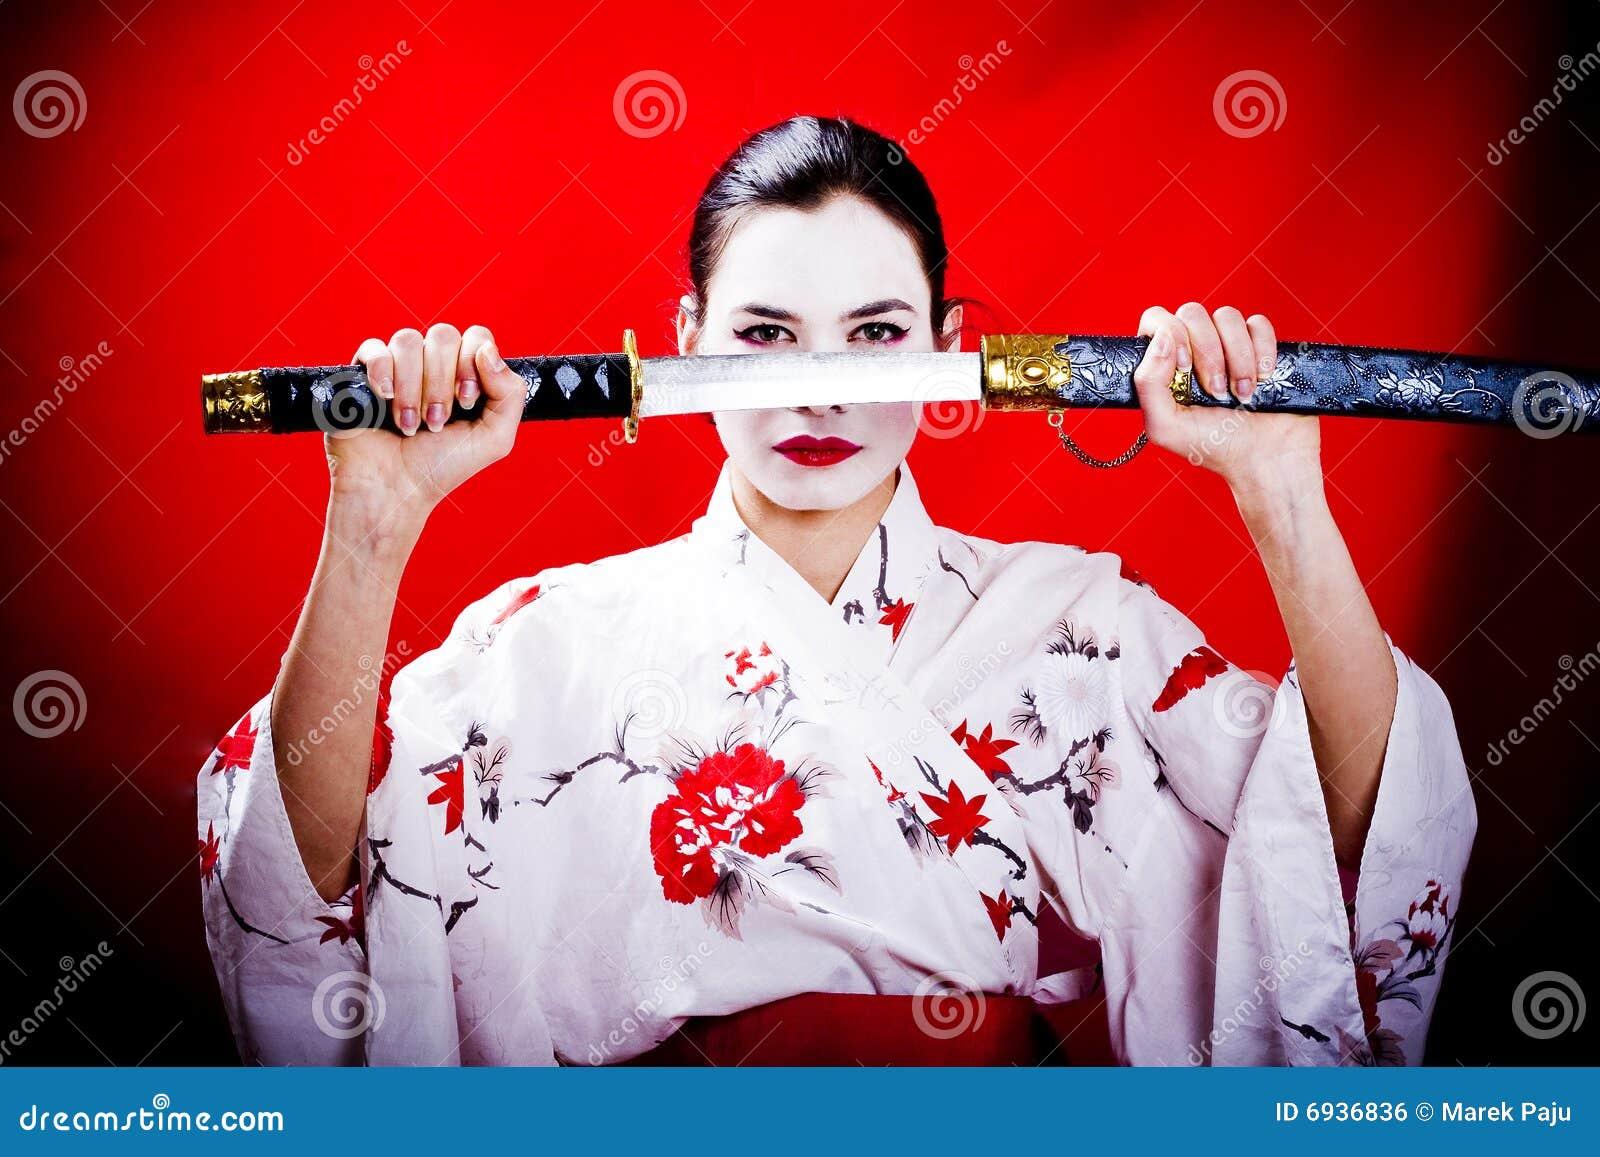 Warrior Geisha